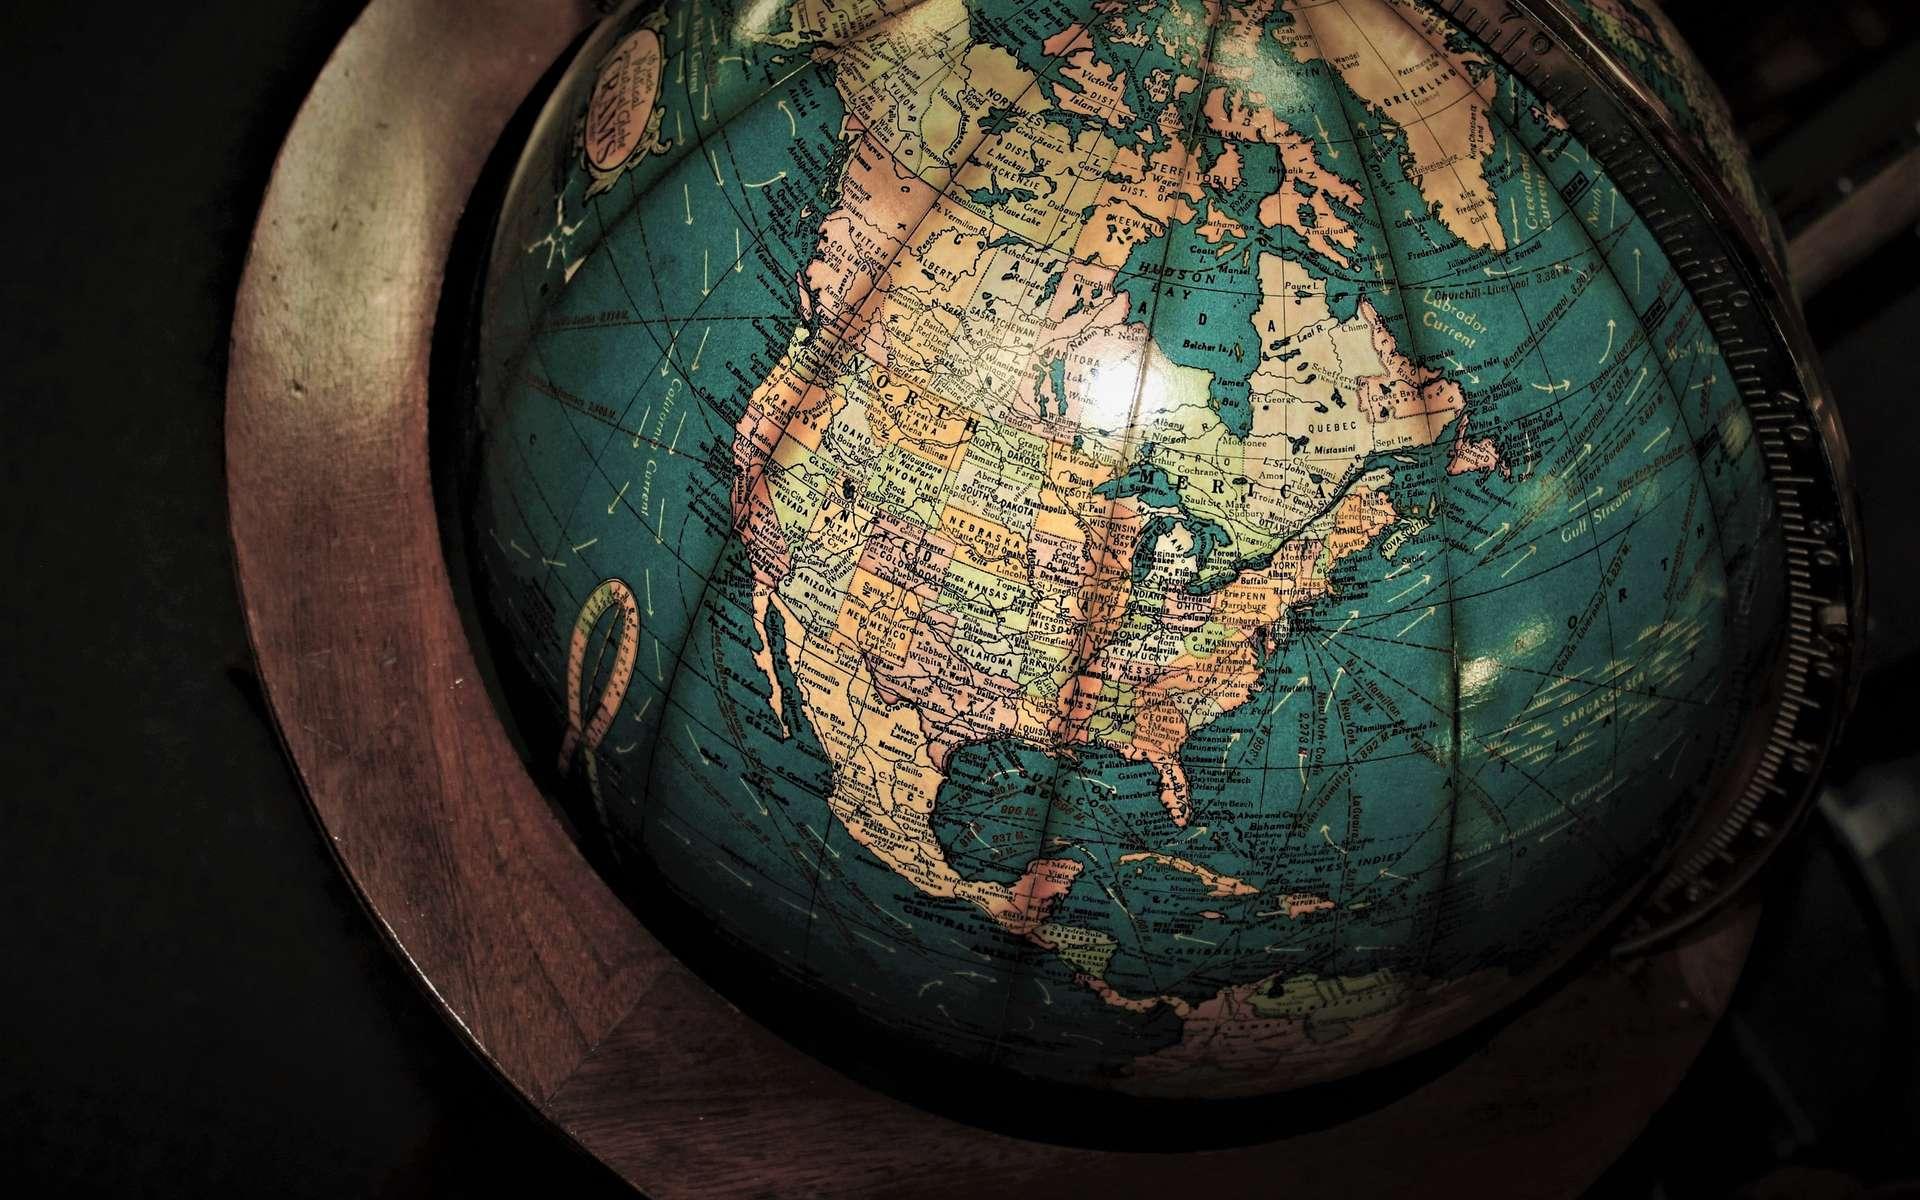 Globe terrestre © Avalon_Mists, Pixabay